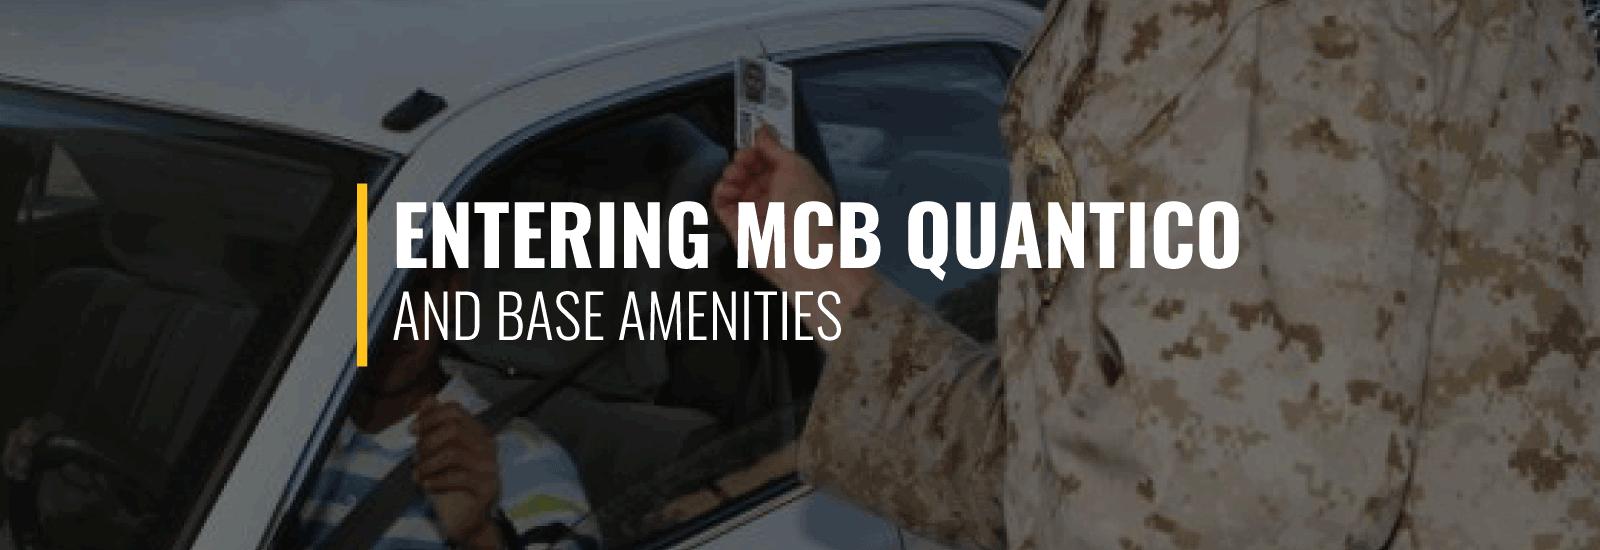 Entering MCB Quantico